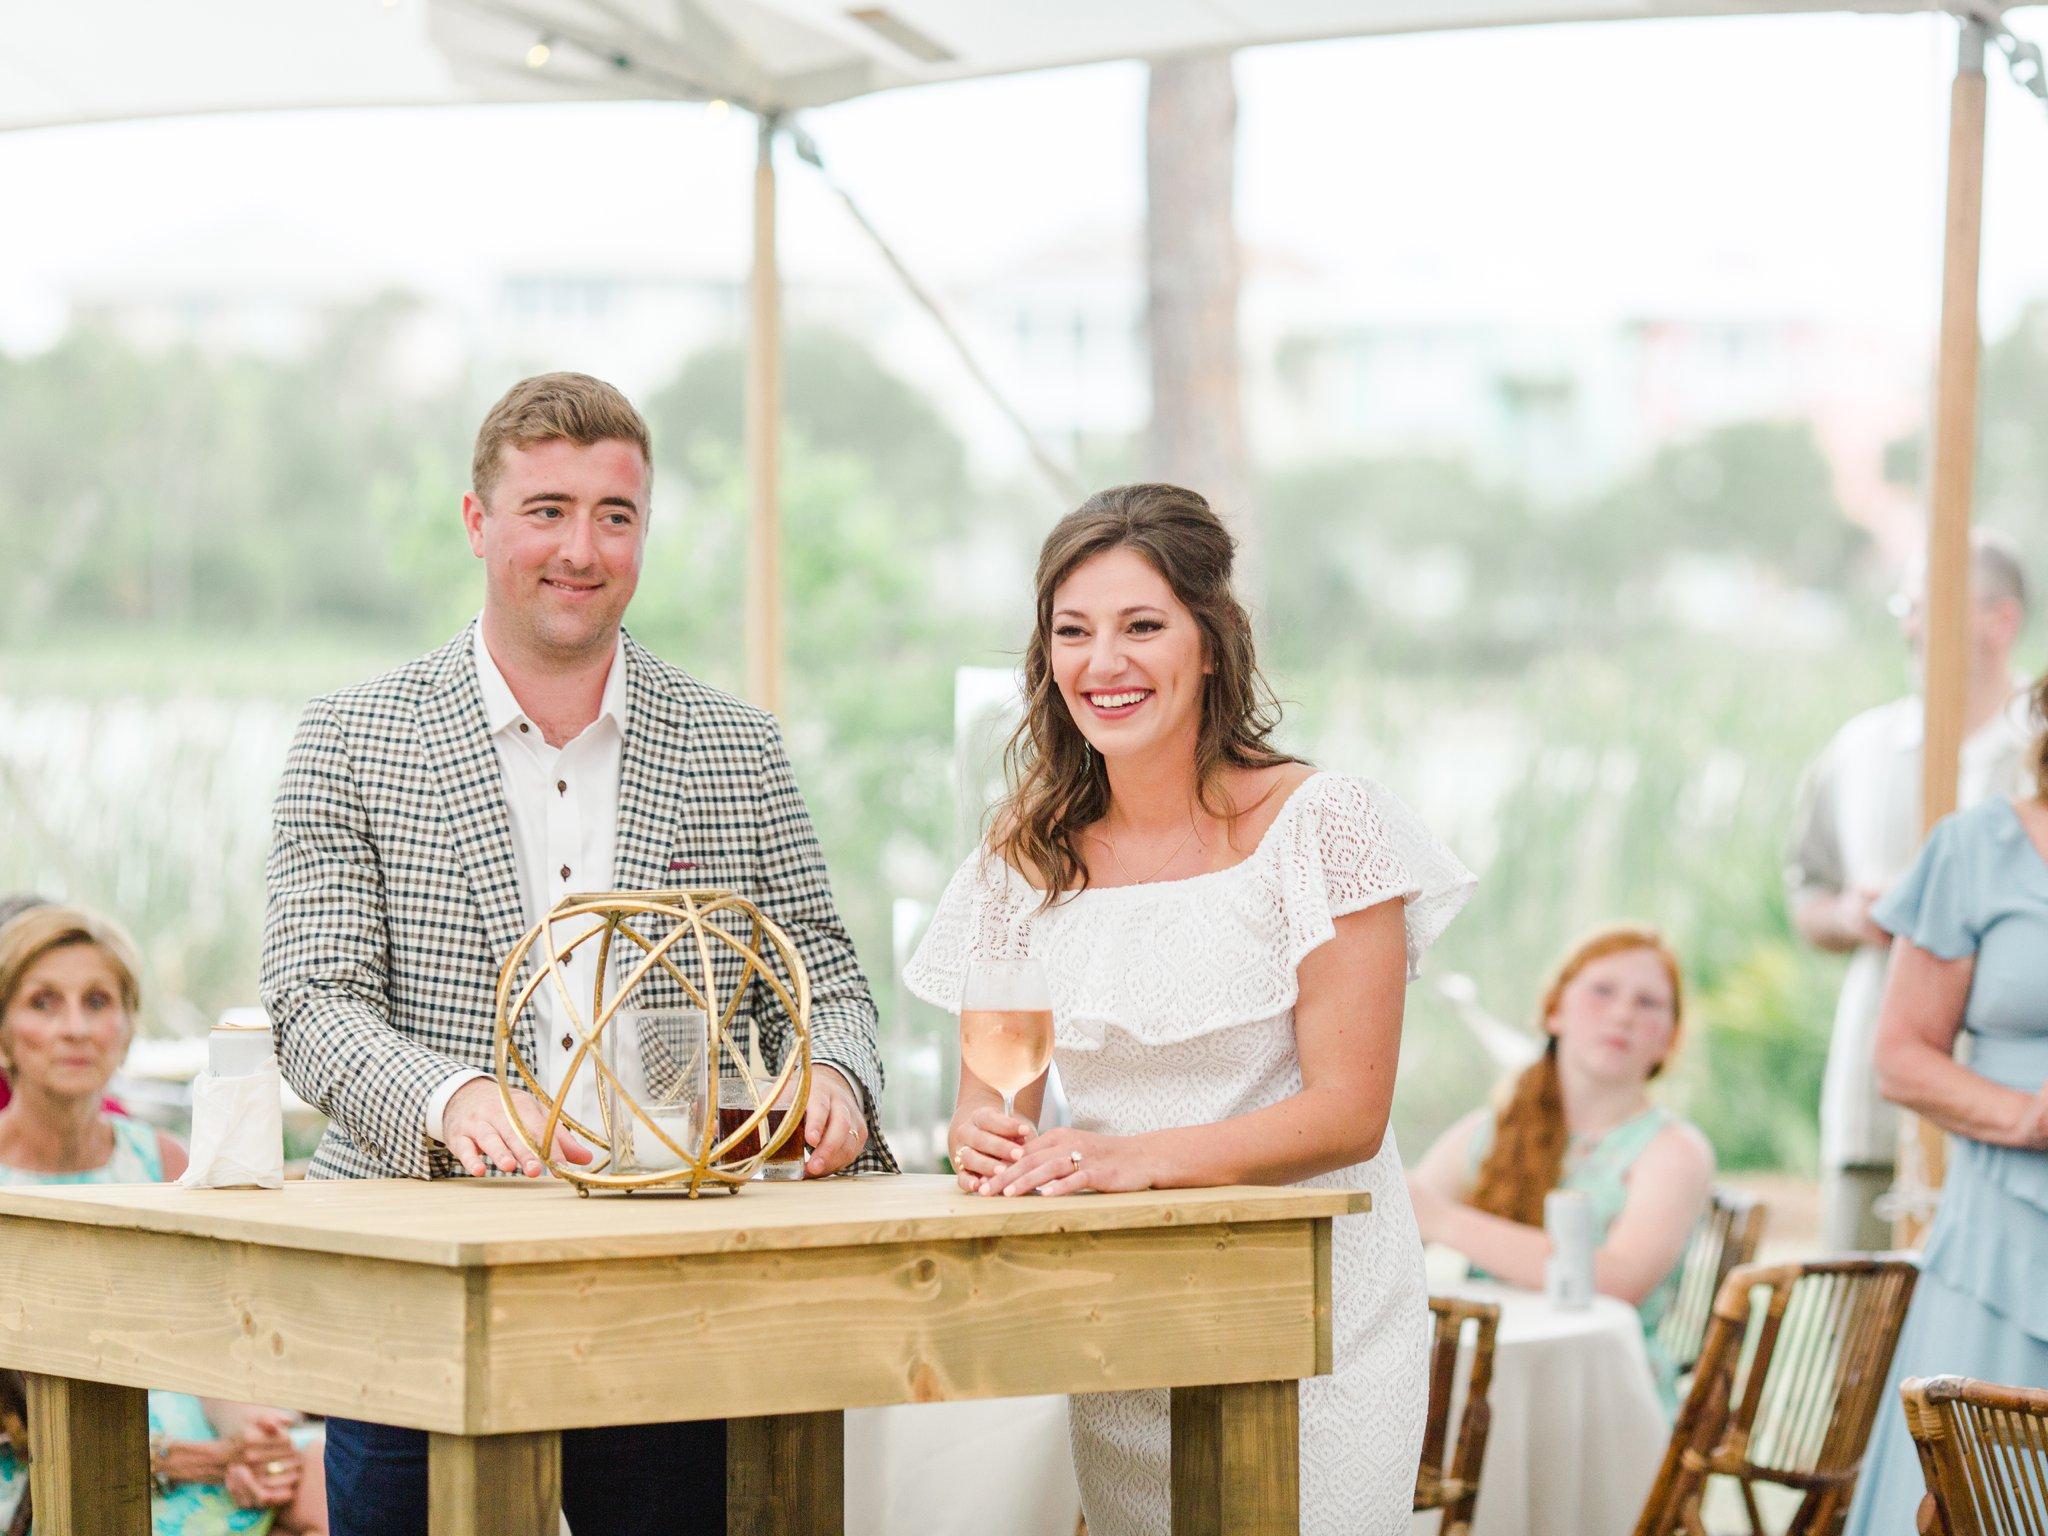 carillon beach wedding photographer shannon griffin photographer_0031.jpg